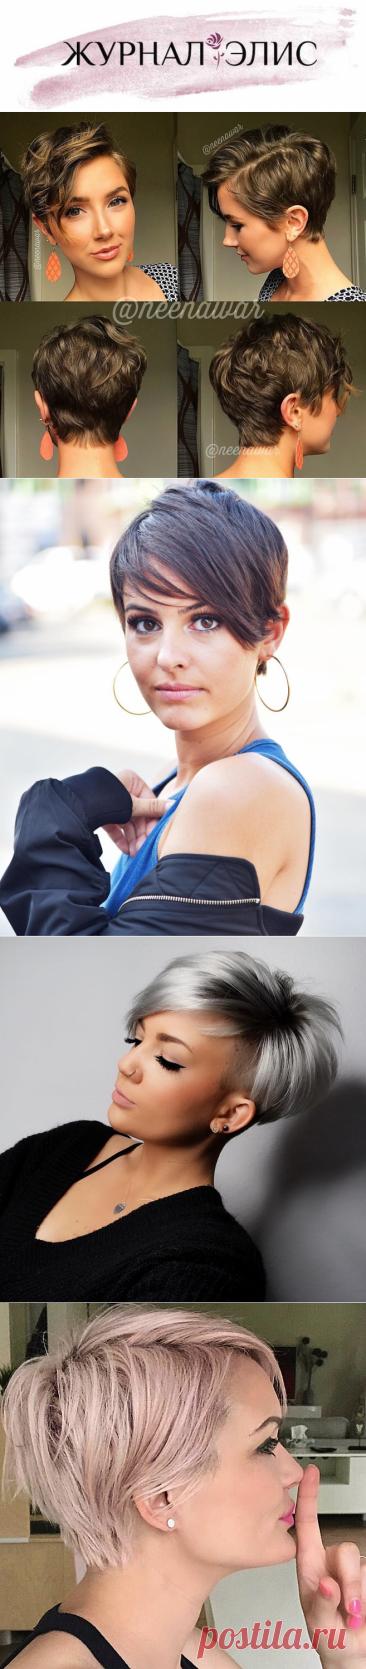 Стрижка пикси для толстых и тонких волос: 25 стильных идей - Журнал Элис